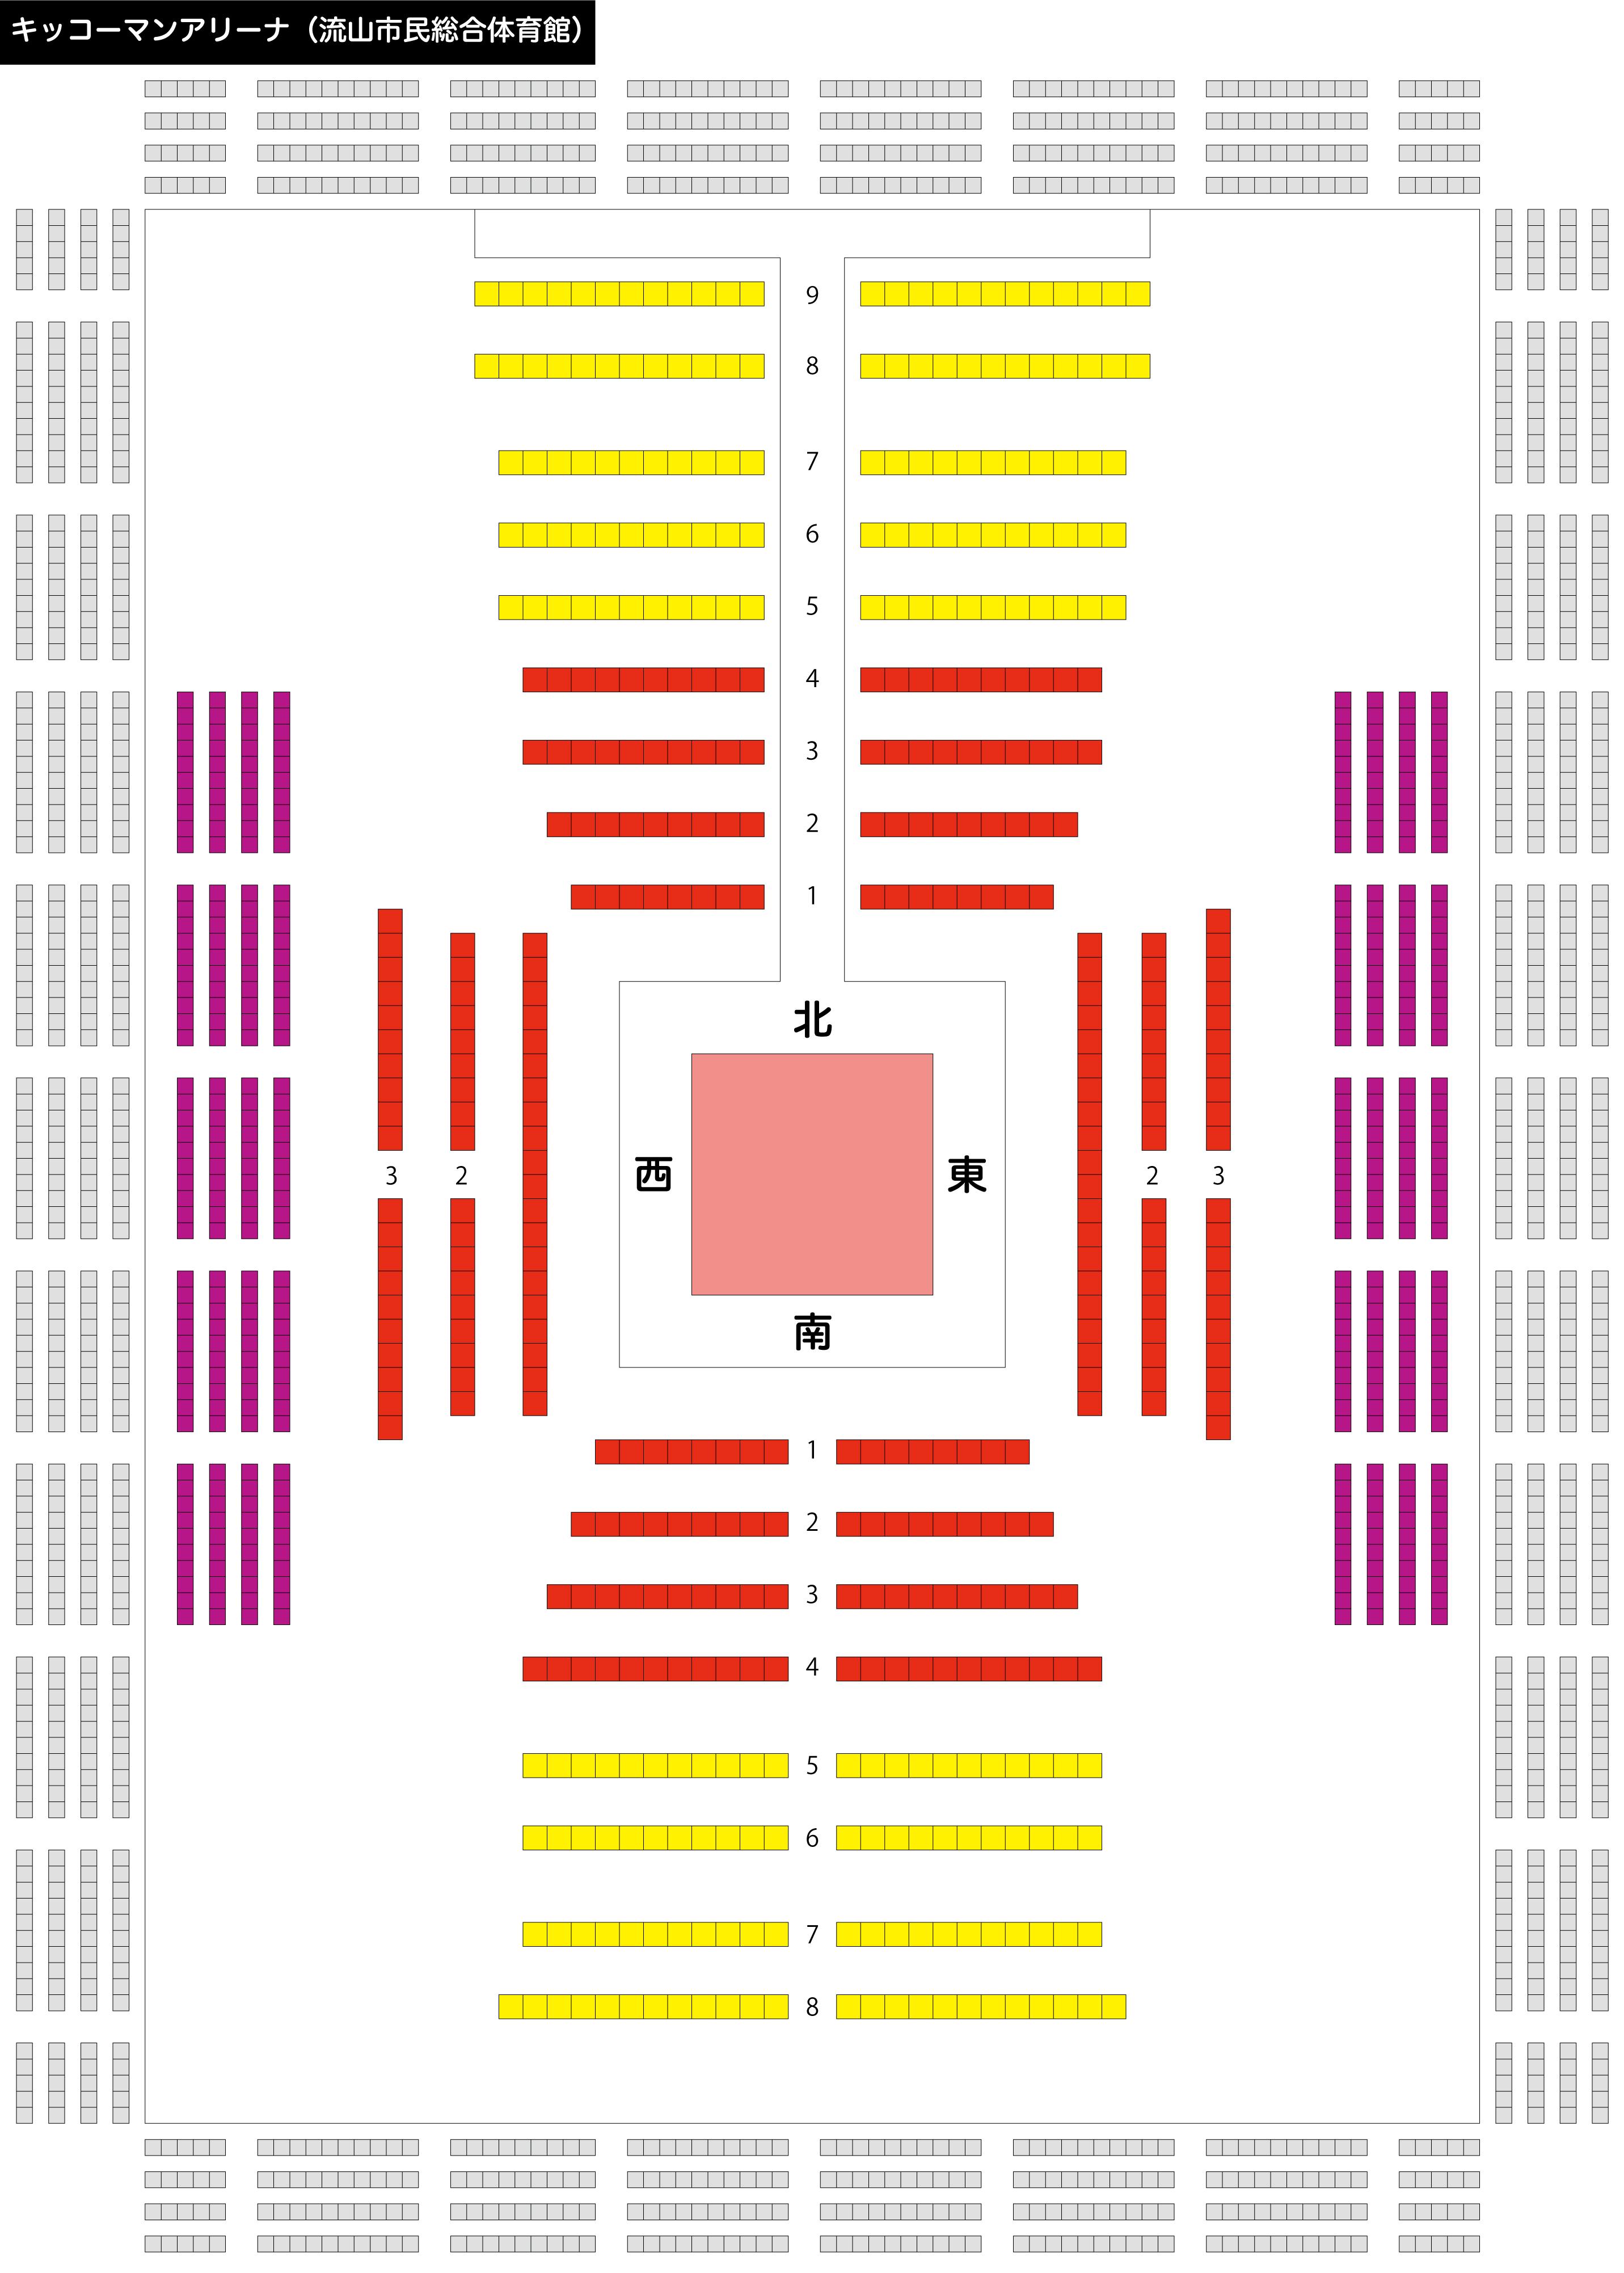 キッコーマンアリーナの座席ごとの特徴